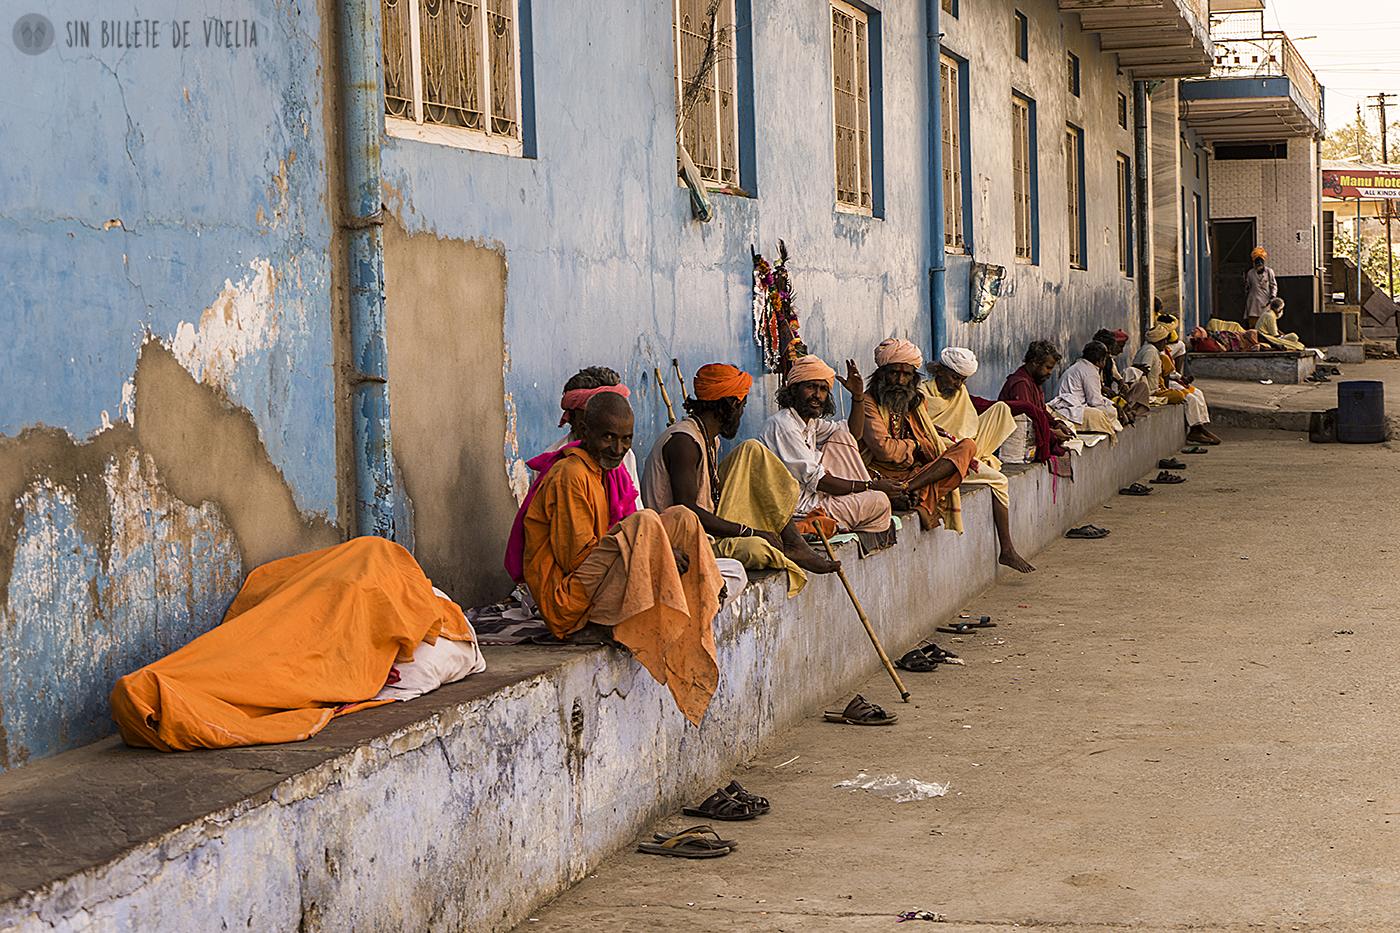 #Día 7 - Vagabundos en Pushkar